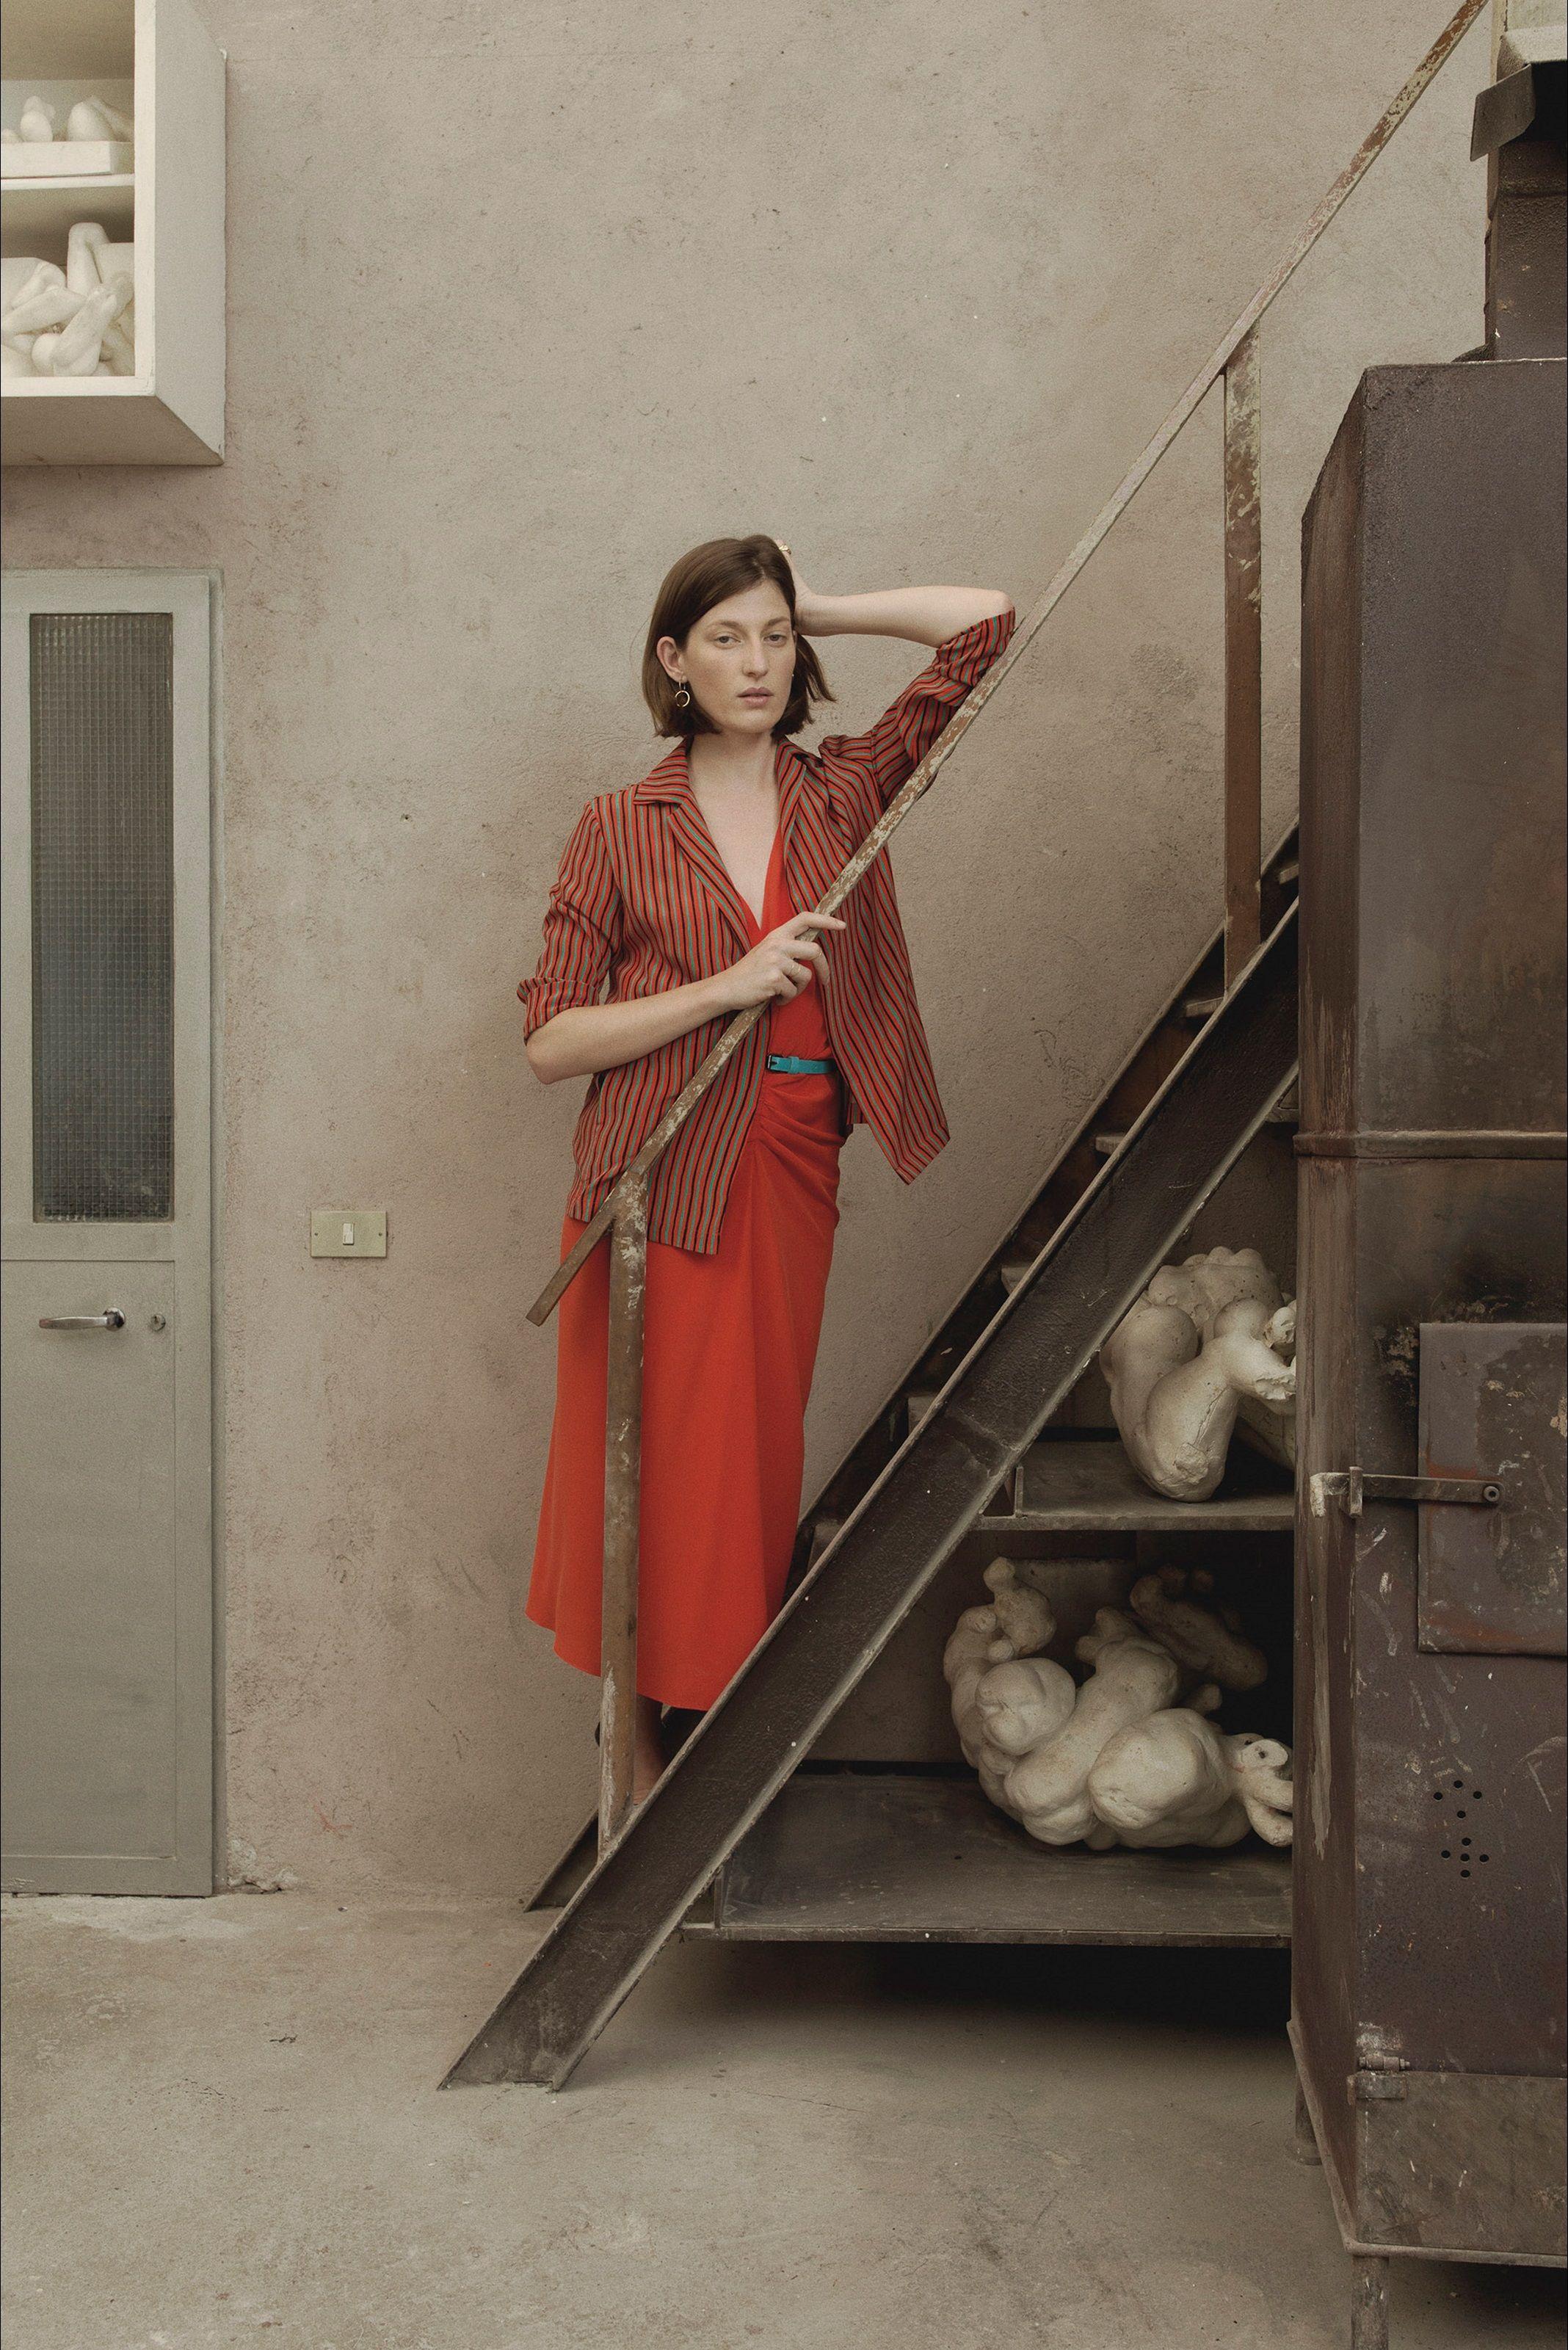 af2ca7f33e97 Sfilata Aspesi Milano - Collezioni Primavera Estate 2019 - Vogue ...